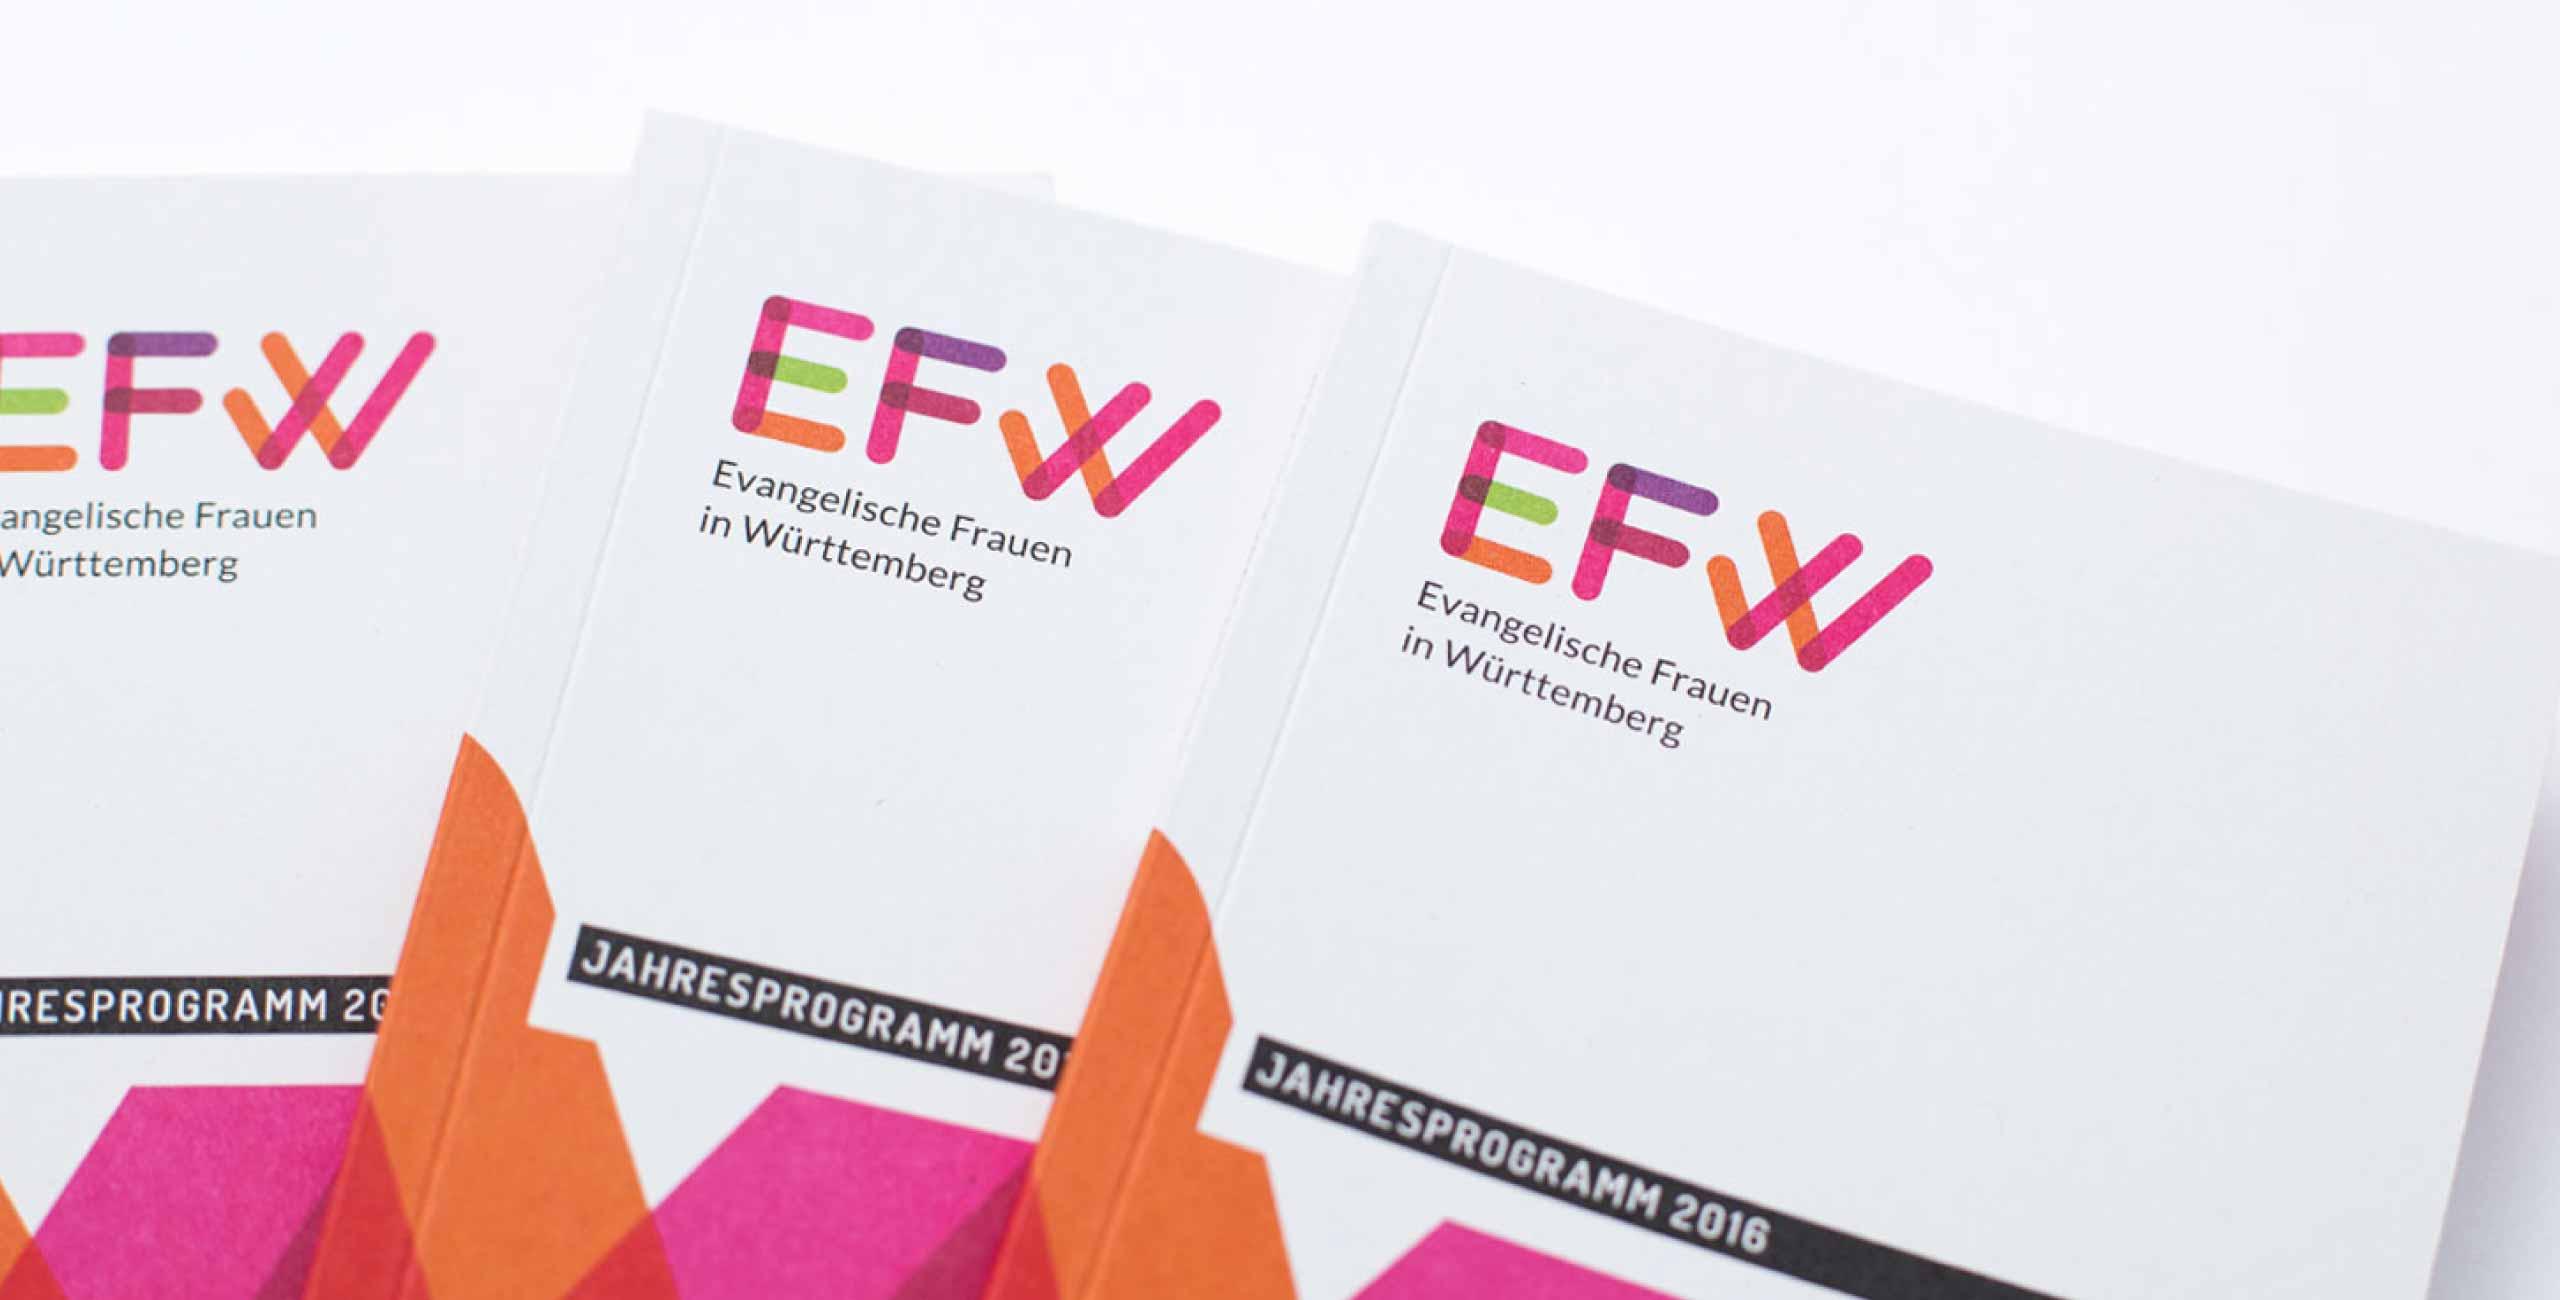 Brand Design Award 2020,  EFW Evangelische Frauen in Württemberg